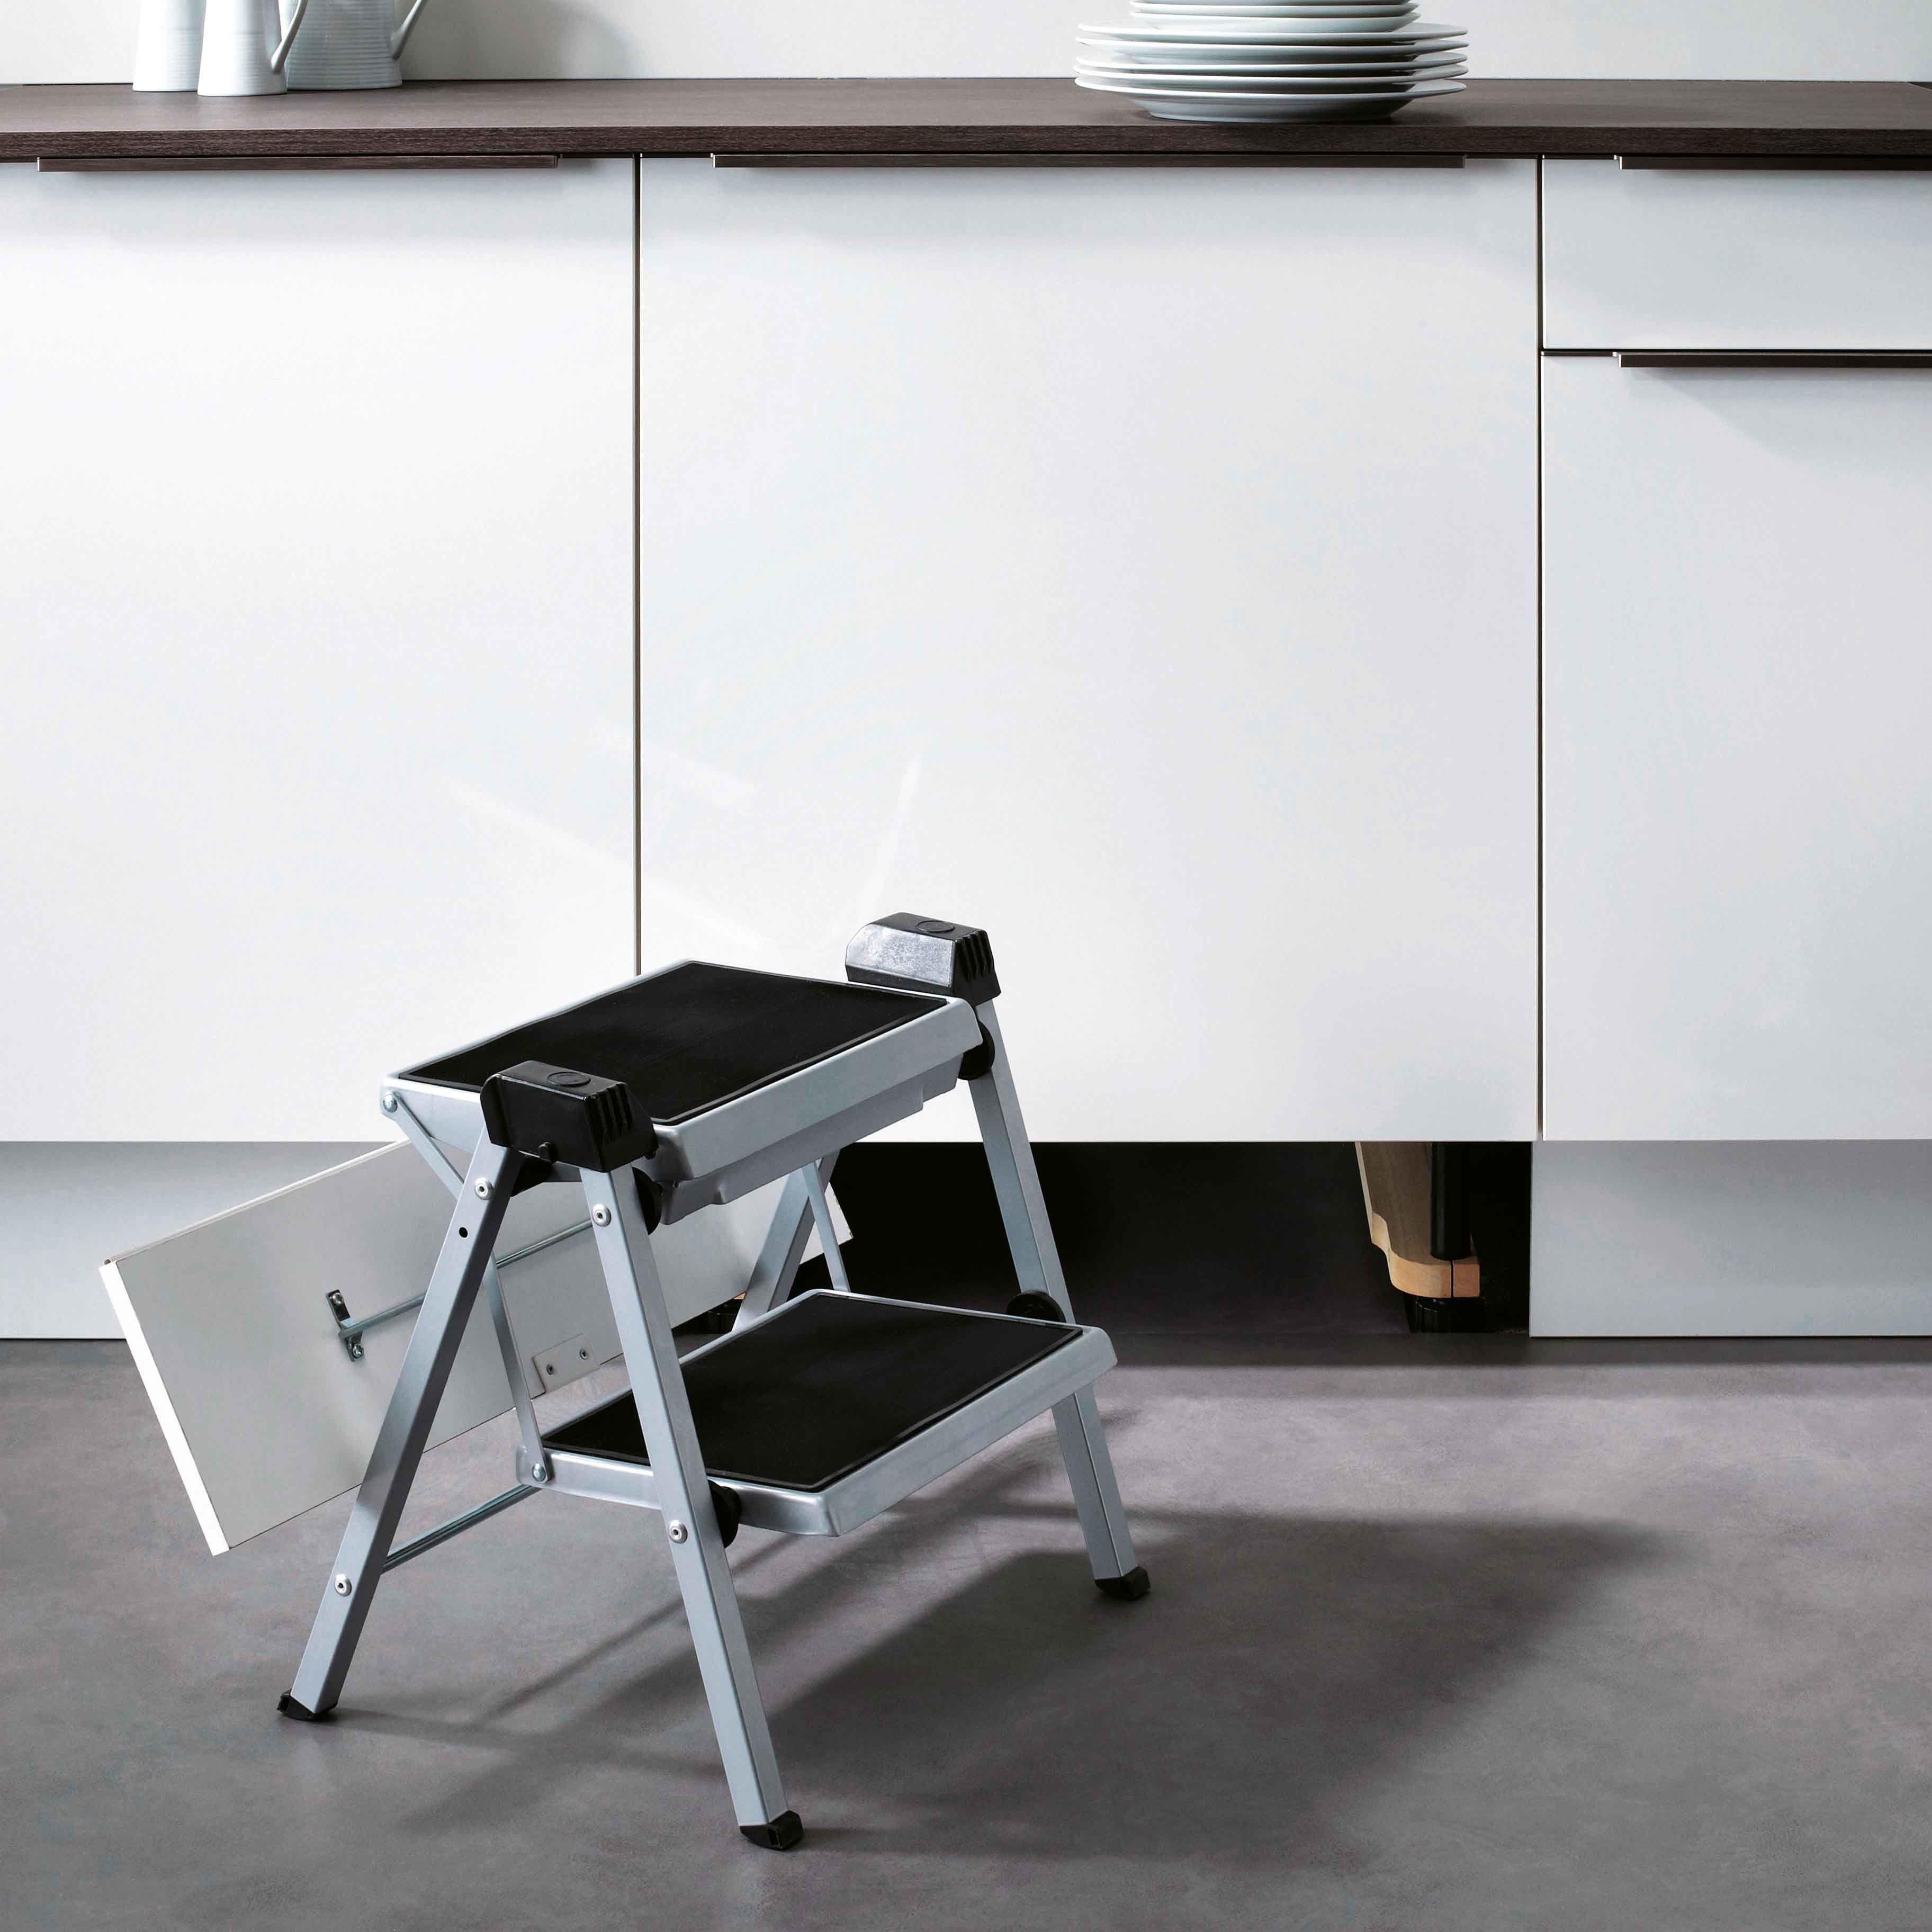 Accessoire cuisine équipée escabeau pliable intégré  la plinthe